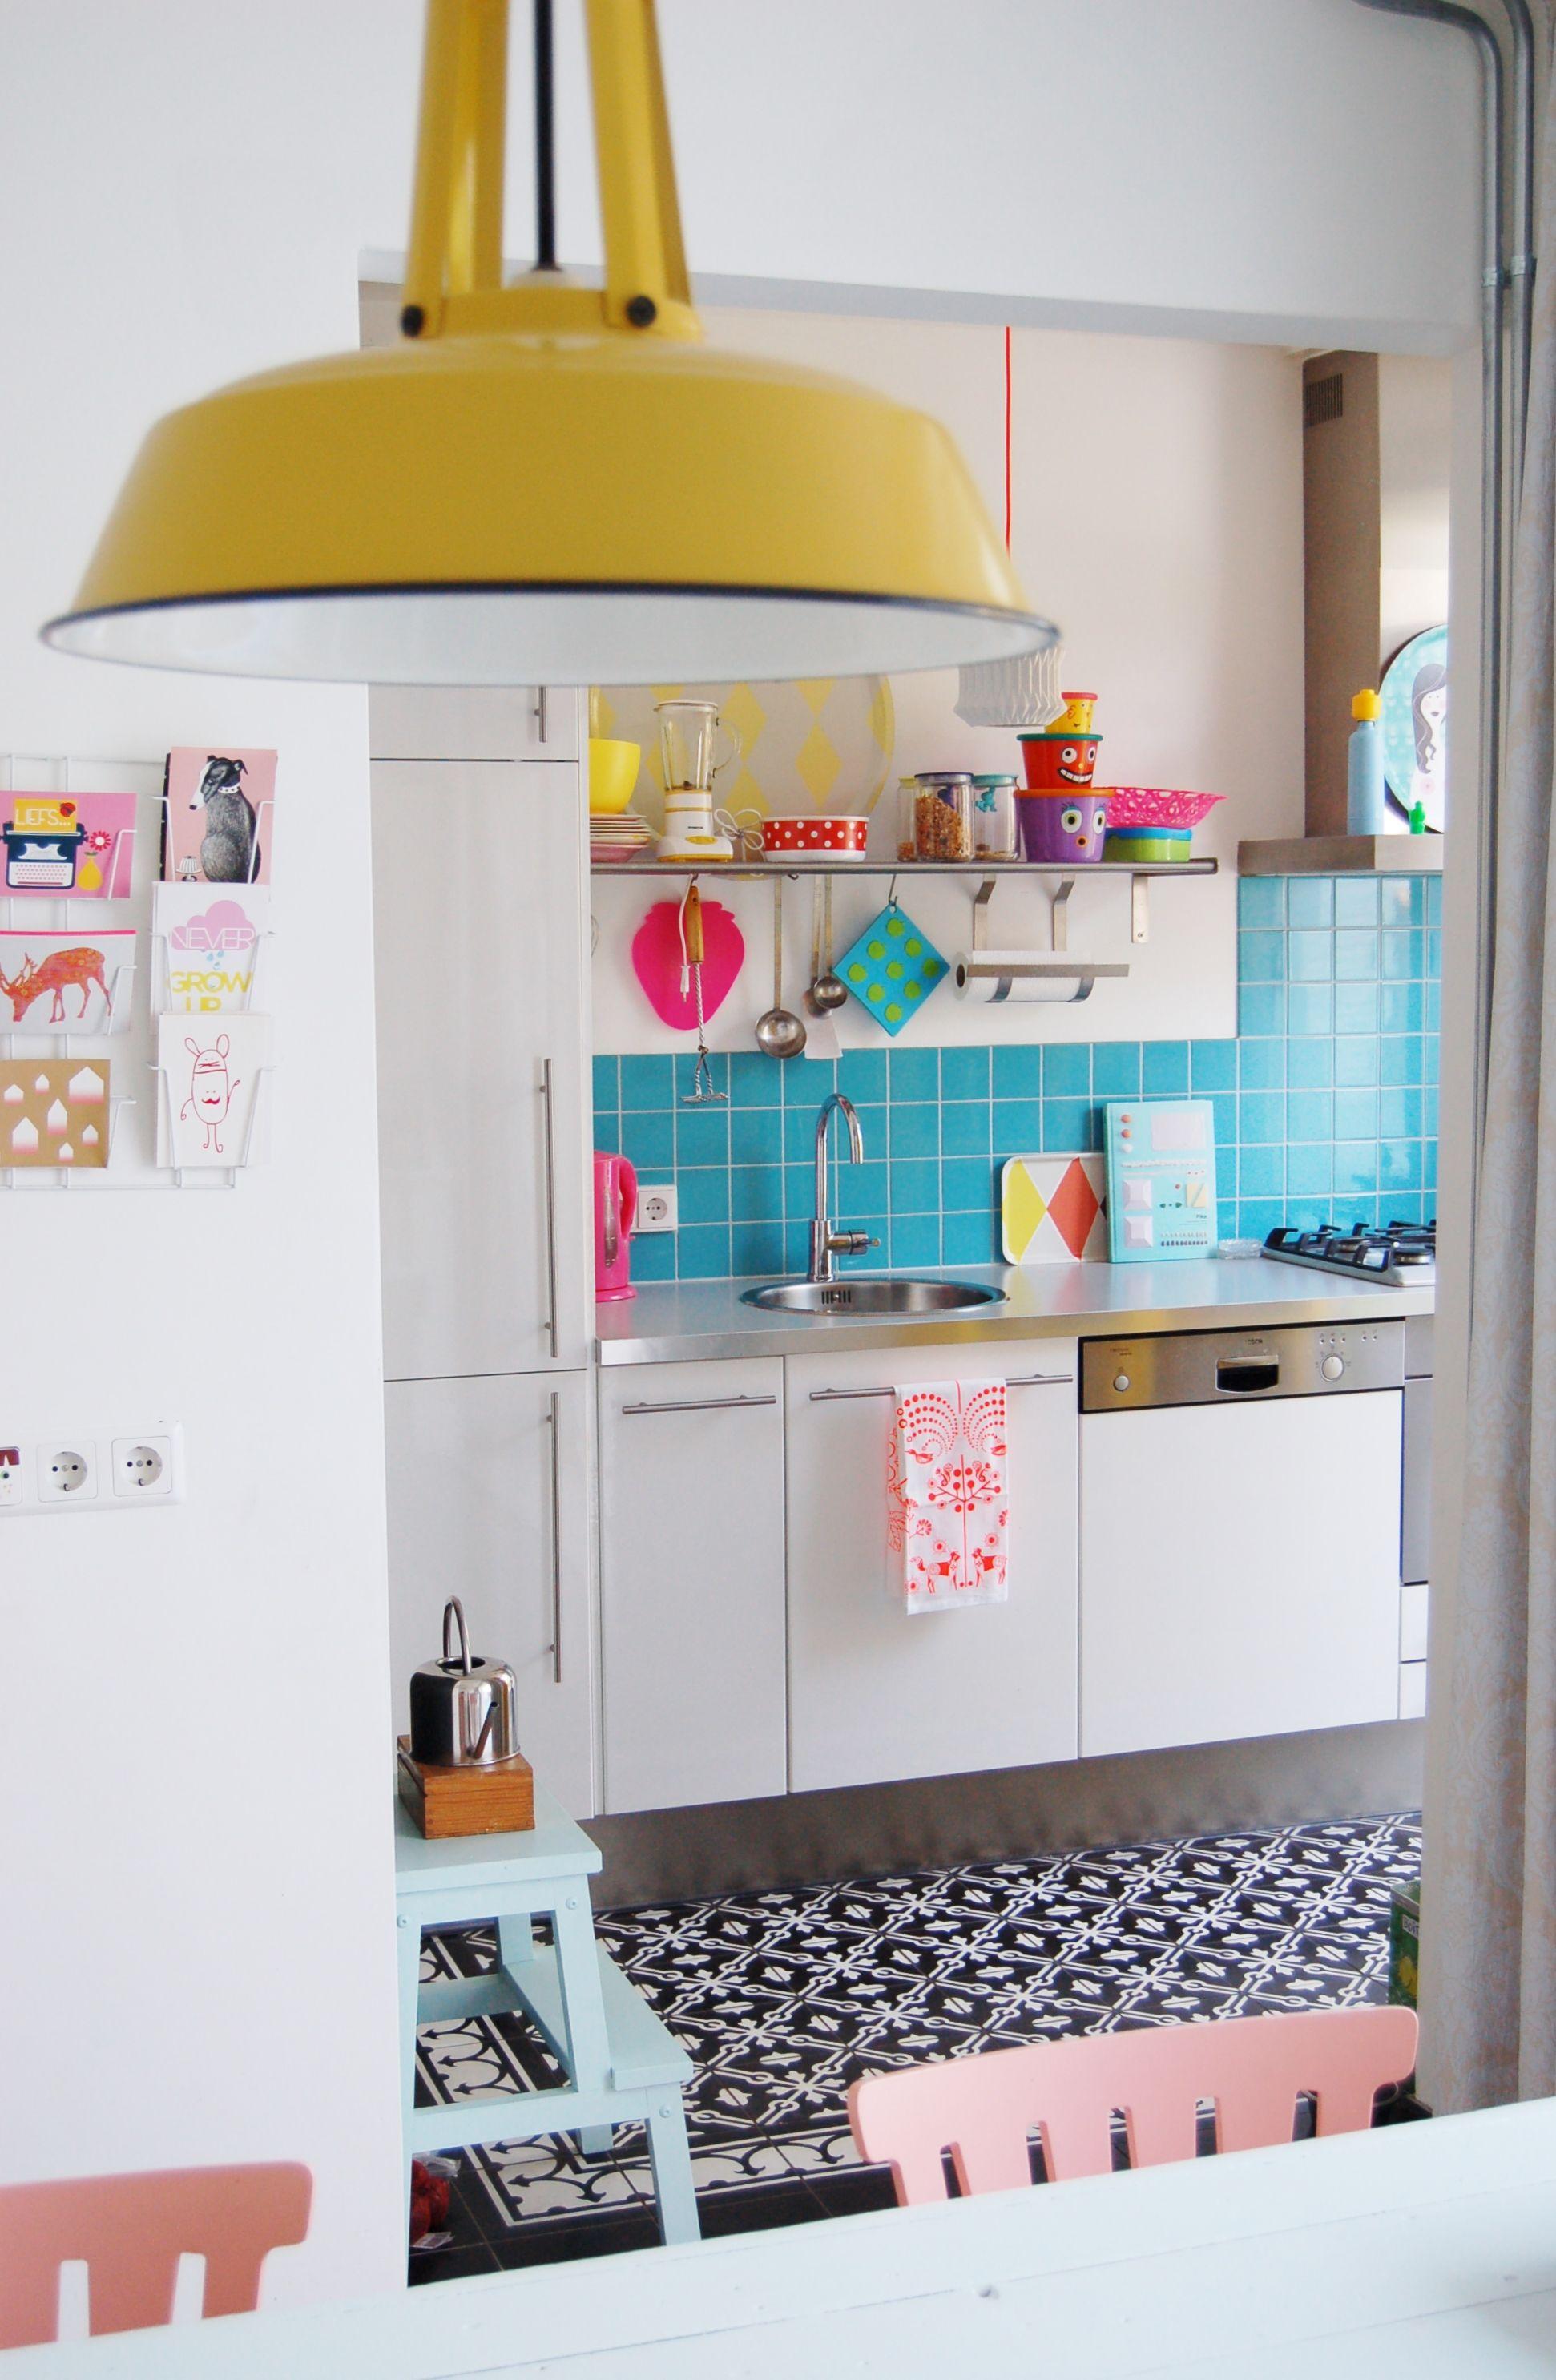 Une cuisine toute en couleur ! #dccv #kitchen #cuisine  Maison